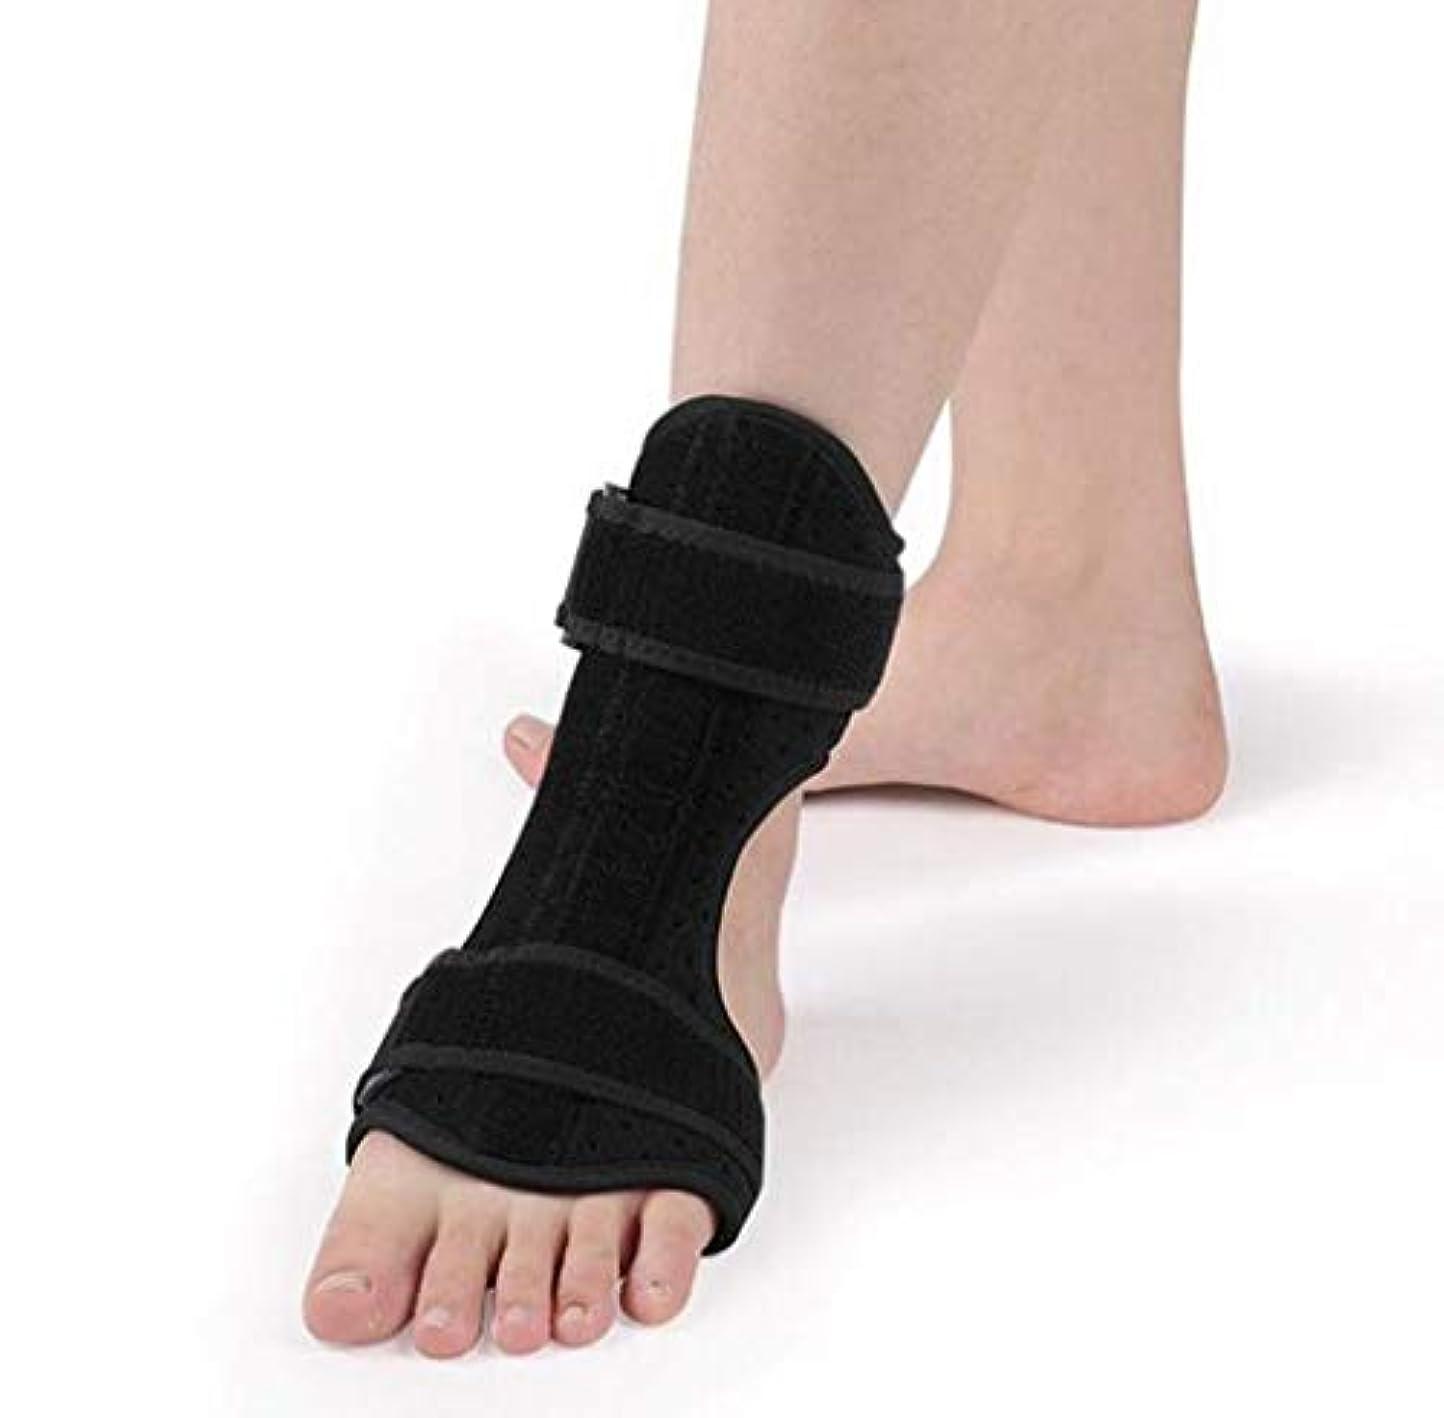 異なる明示的に生き残りますドロップフットスプリントのサポート-装具足首フットブレーススタビライザー-軽量の足首フットブレース